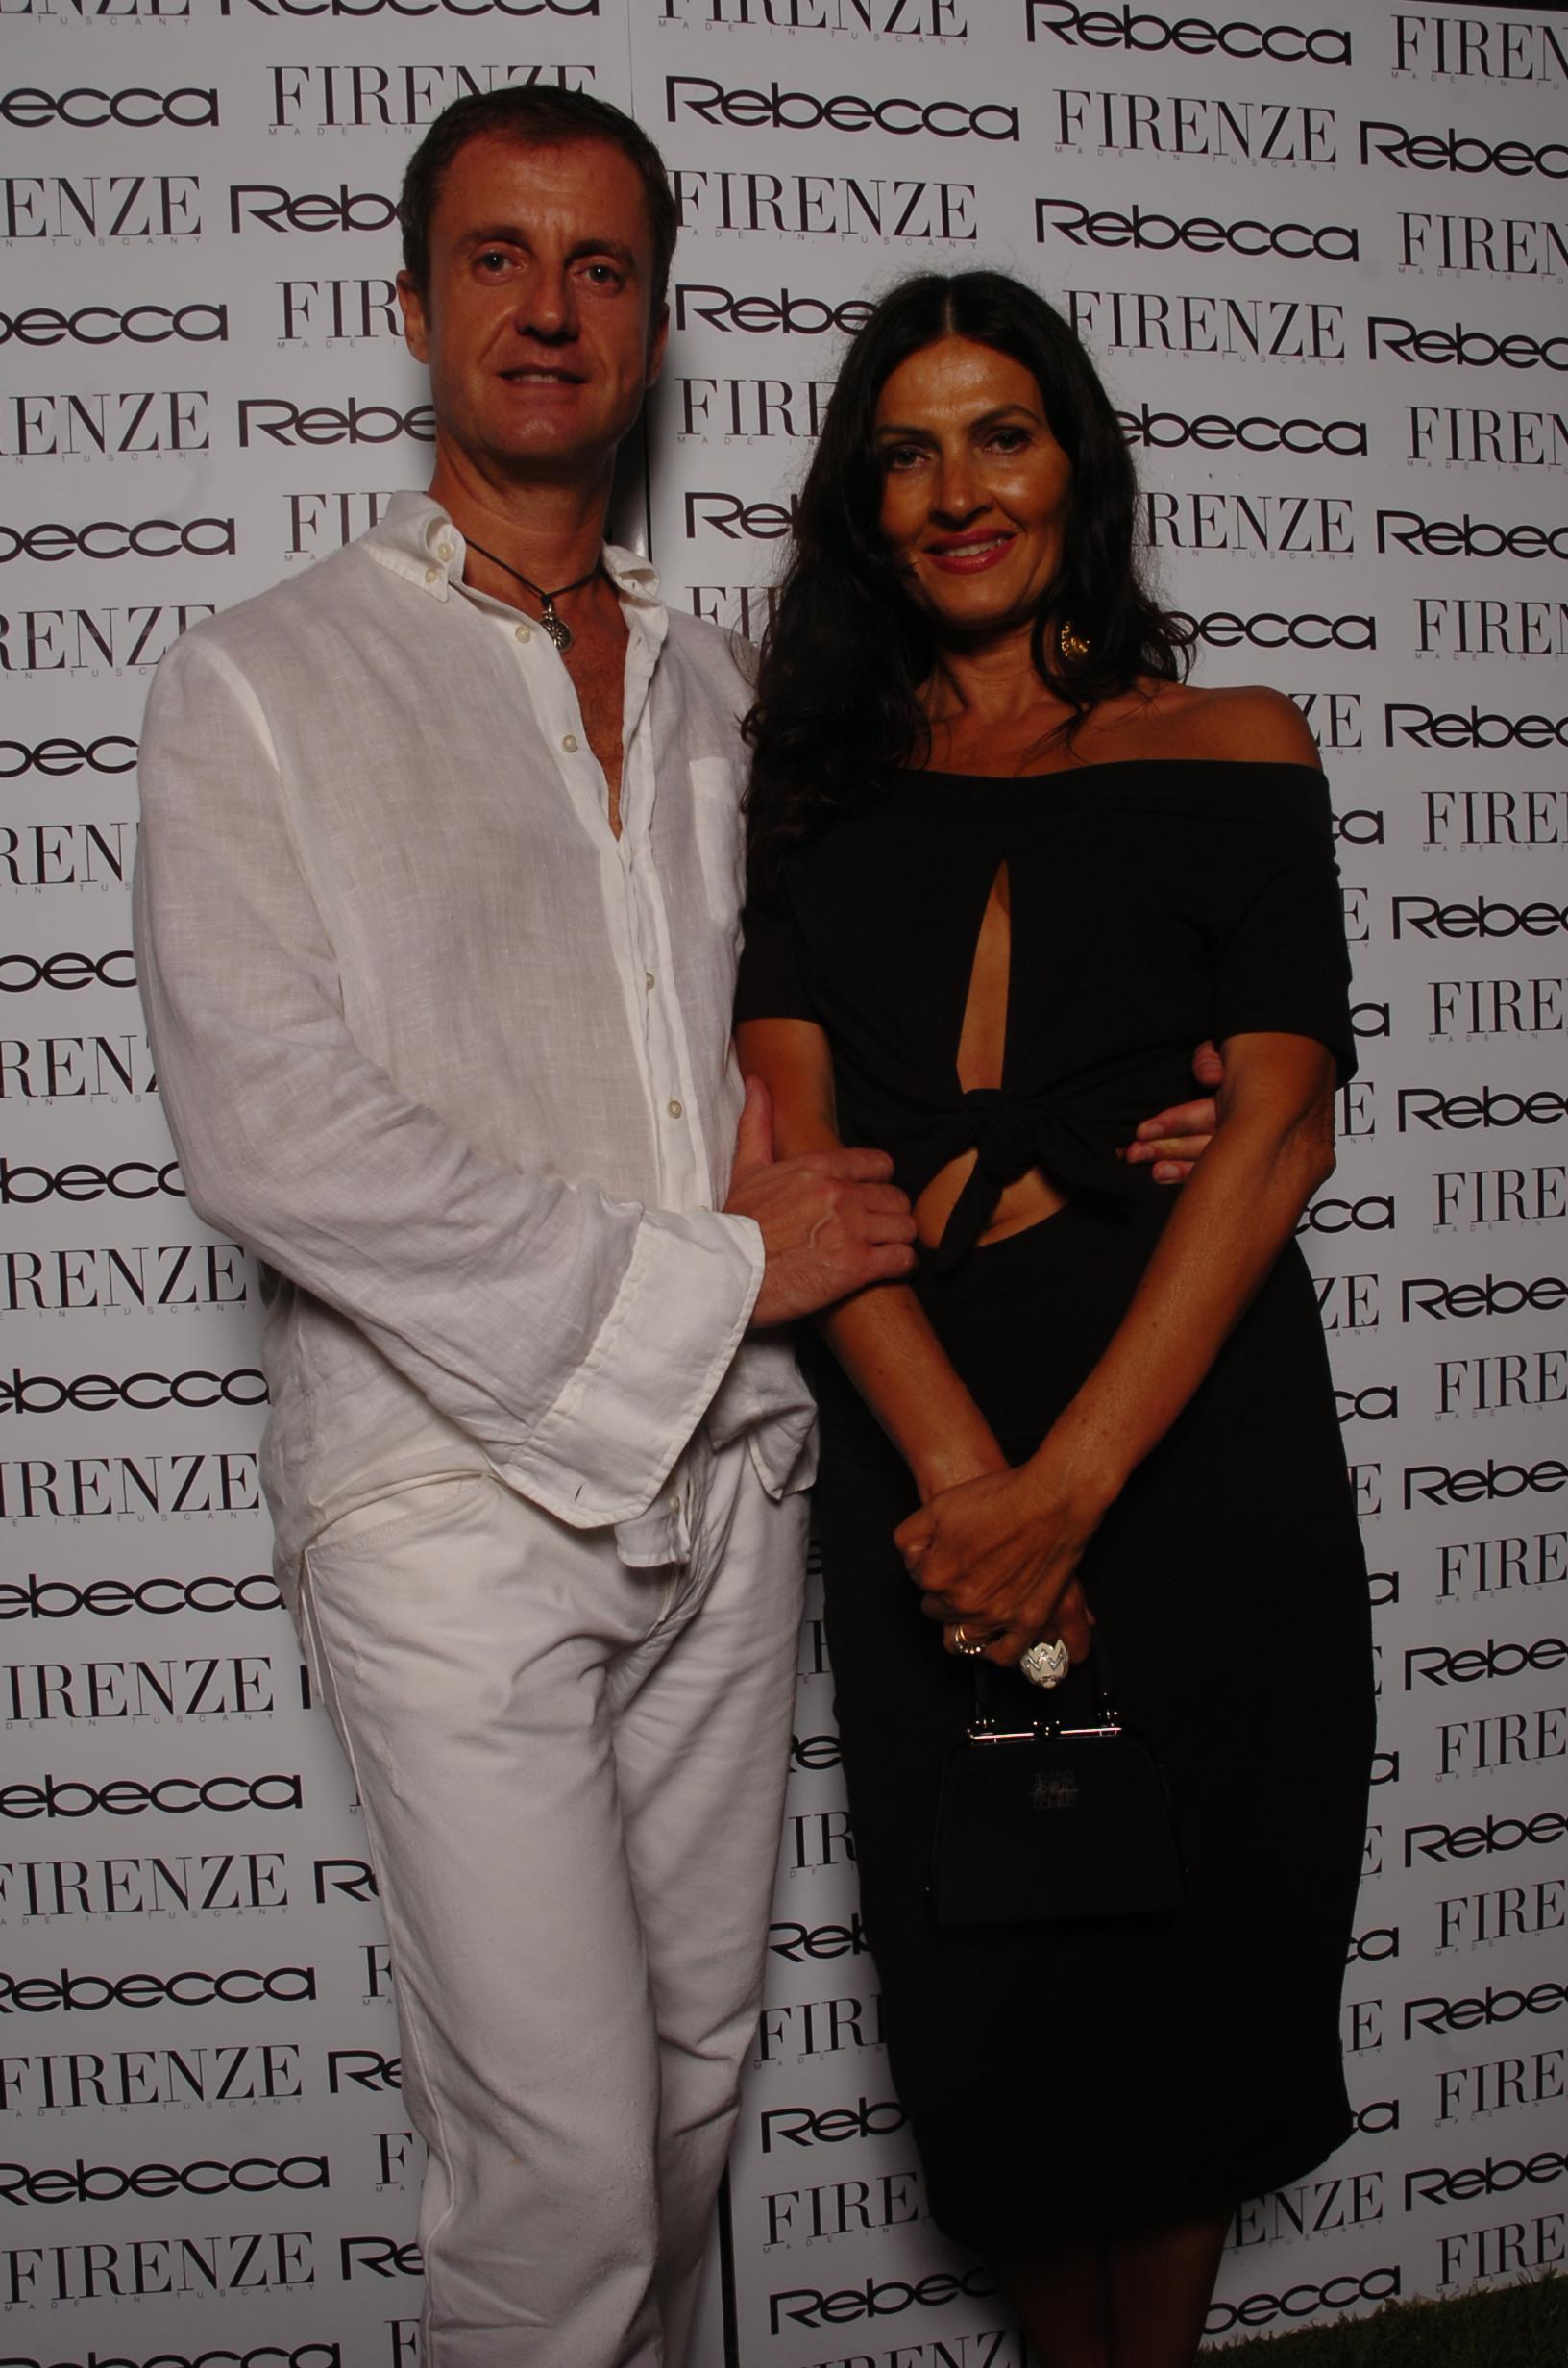 Eugenio Virgillito e Paola baggiani